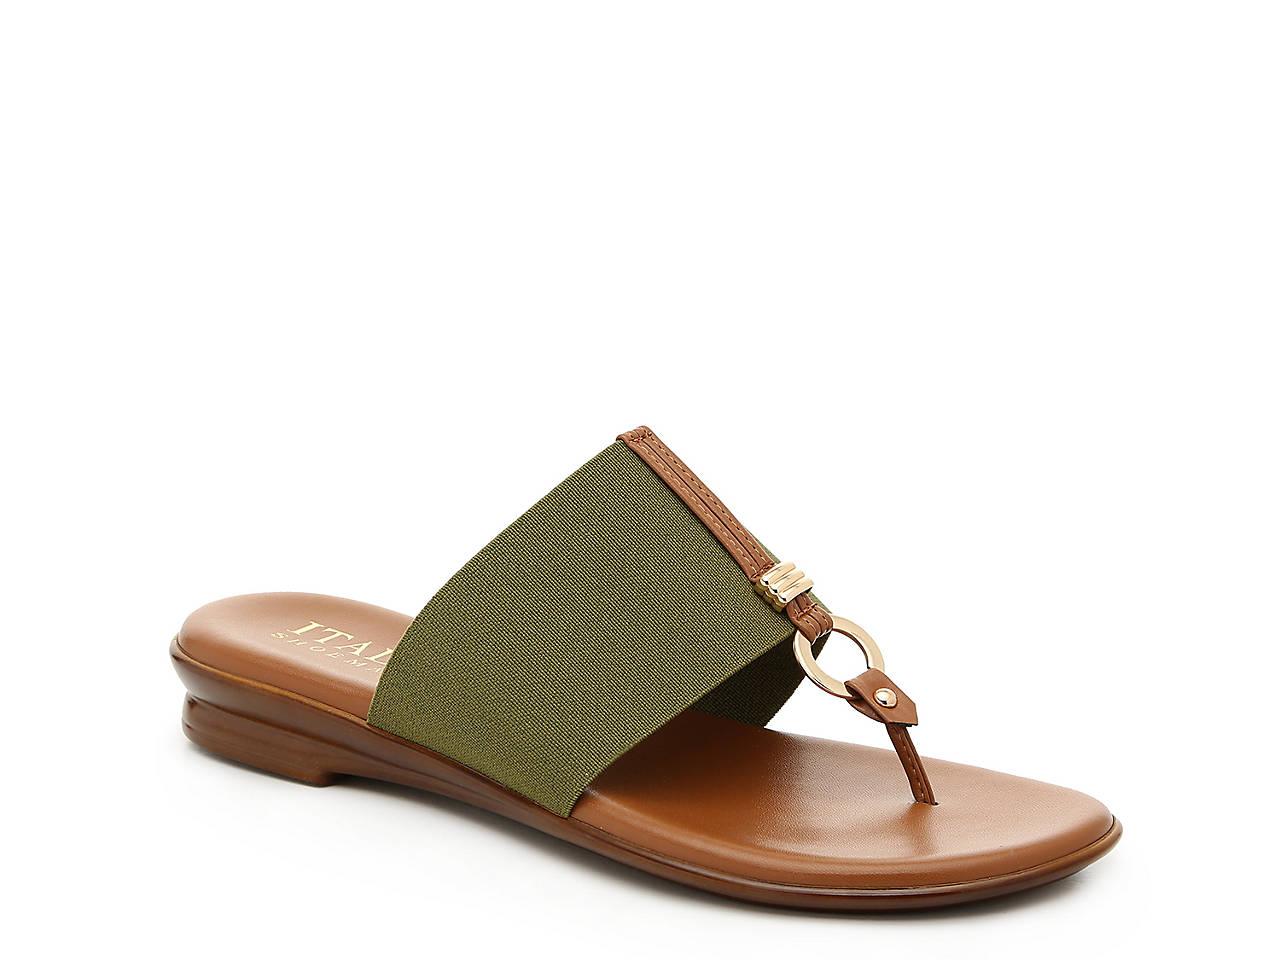 994e94a64 Italian Shoemakers Selah Sandal Women s Shoes